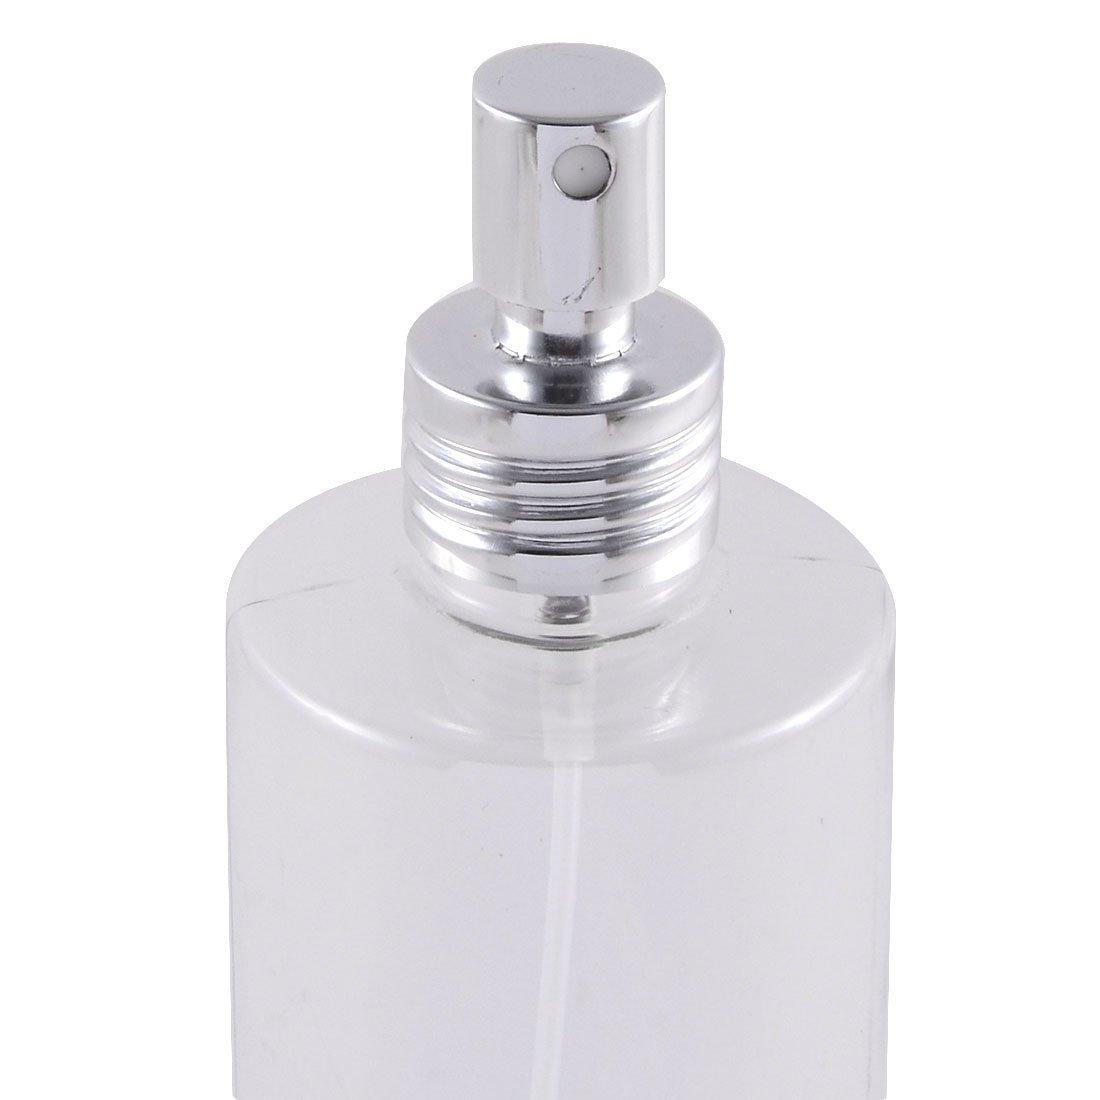 Amazon.com: Viajes eDealMax plástico champú cosmético de emulsión de la Bomba de prensa Botella del aerosol 300ml 2pcs Claro: Health & Personal Care